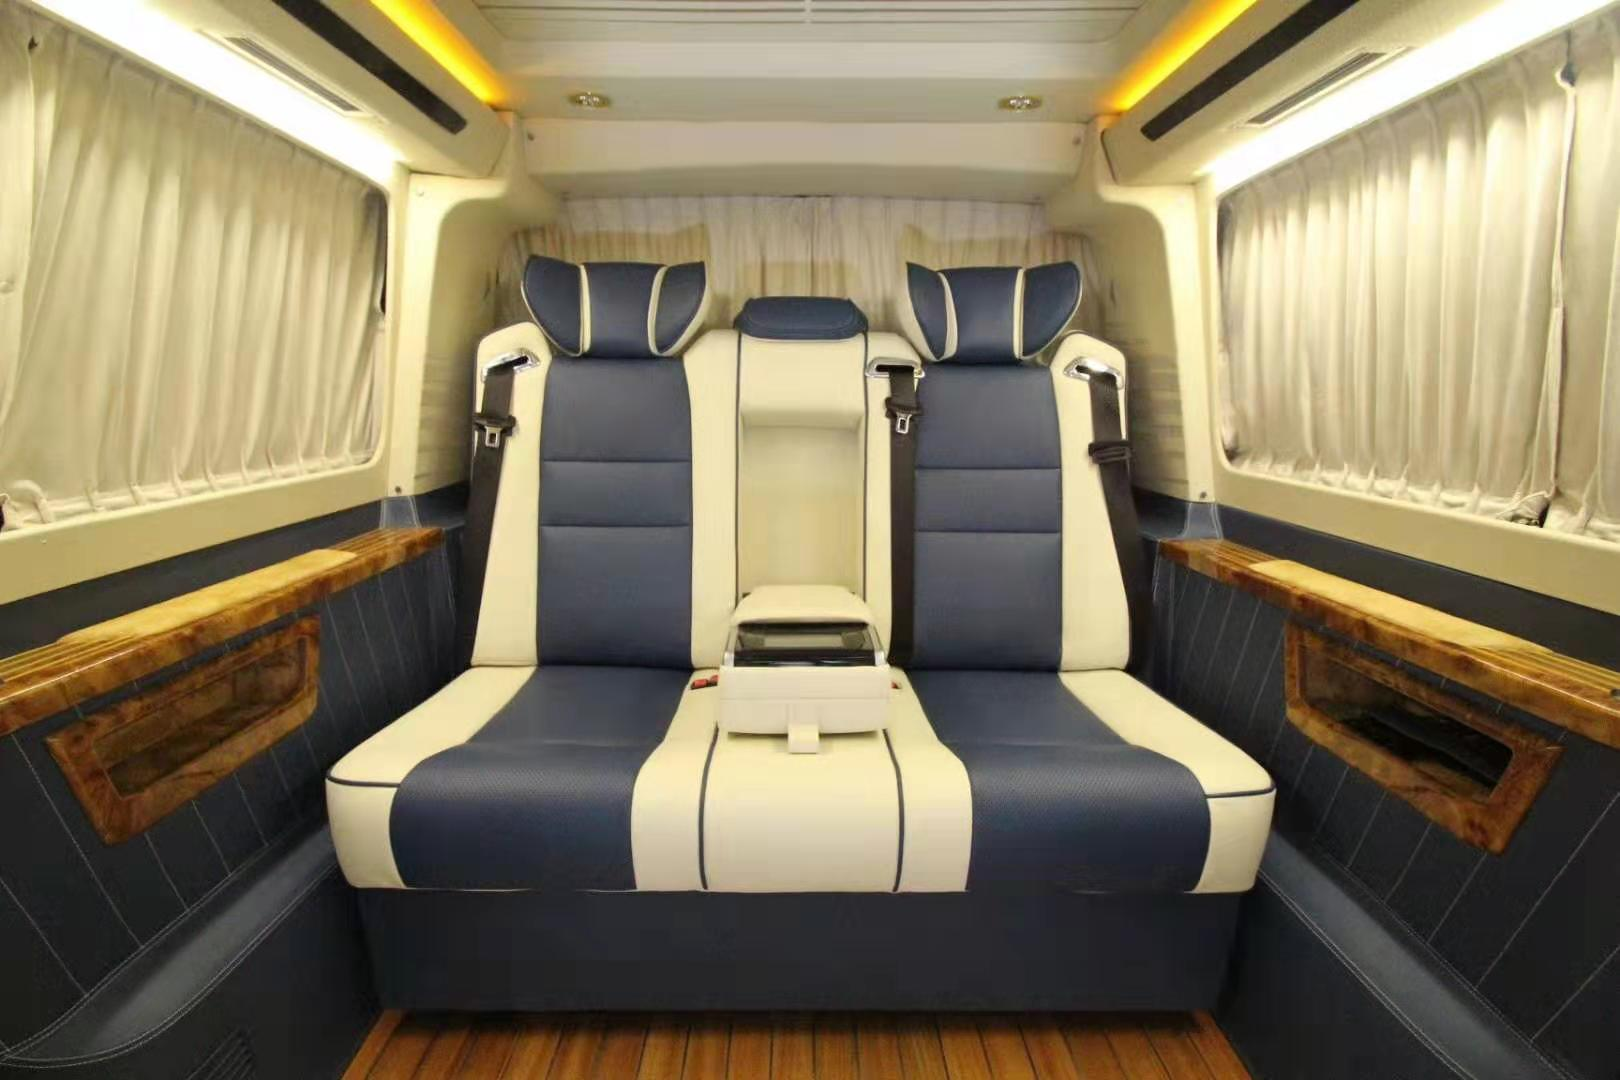 江苏大众凯路威内饰改装升级航空座椅